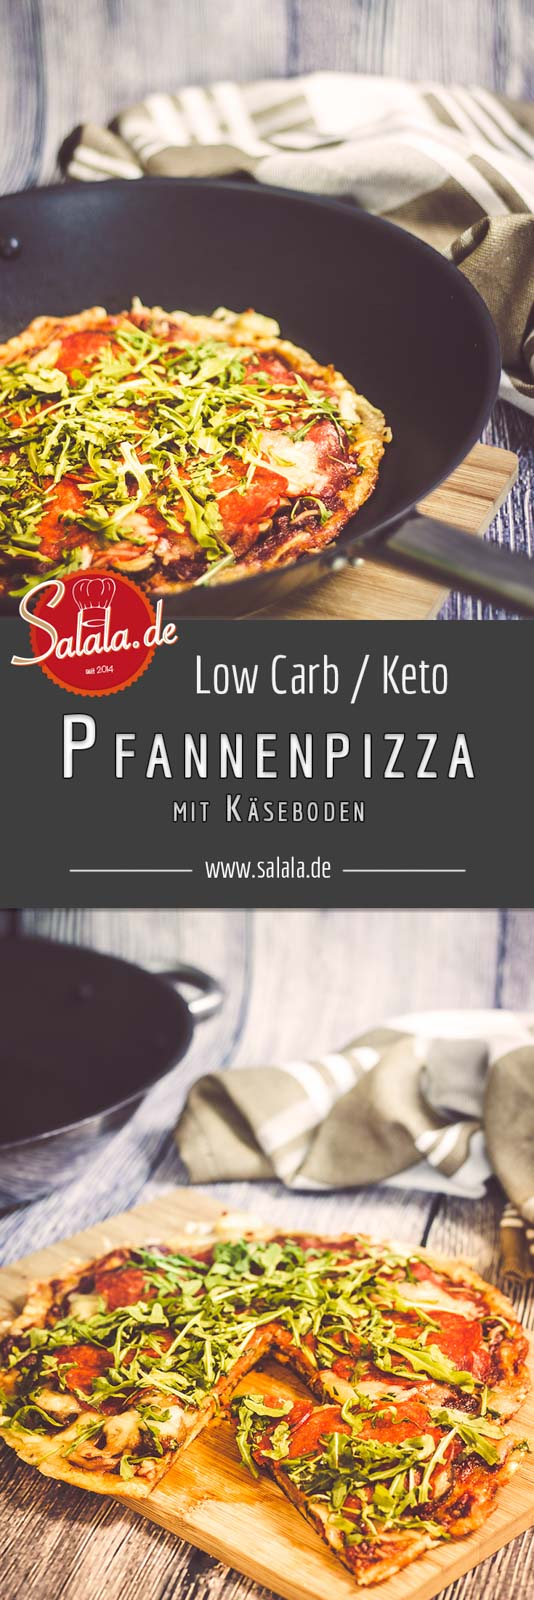 Knusprige Keto Pfannenpizza mit Käseboden die musst Du nachmachen Low Carb Rezept ohne Mehl - by salala.de